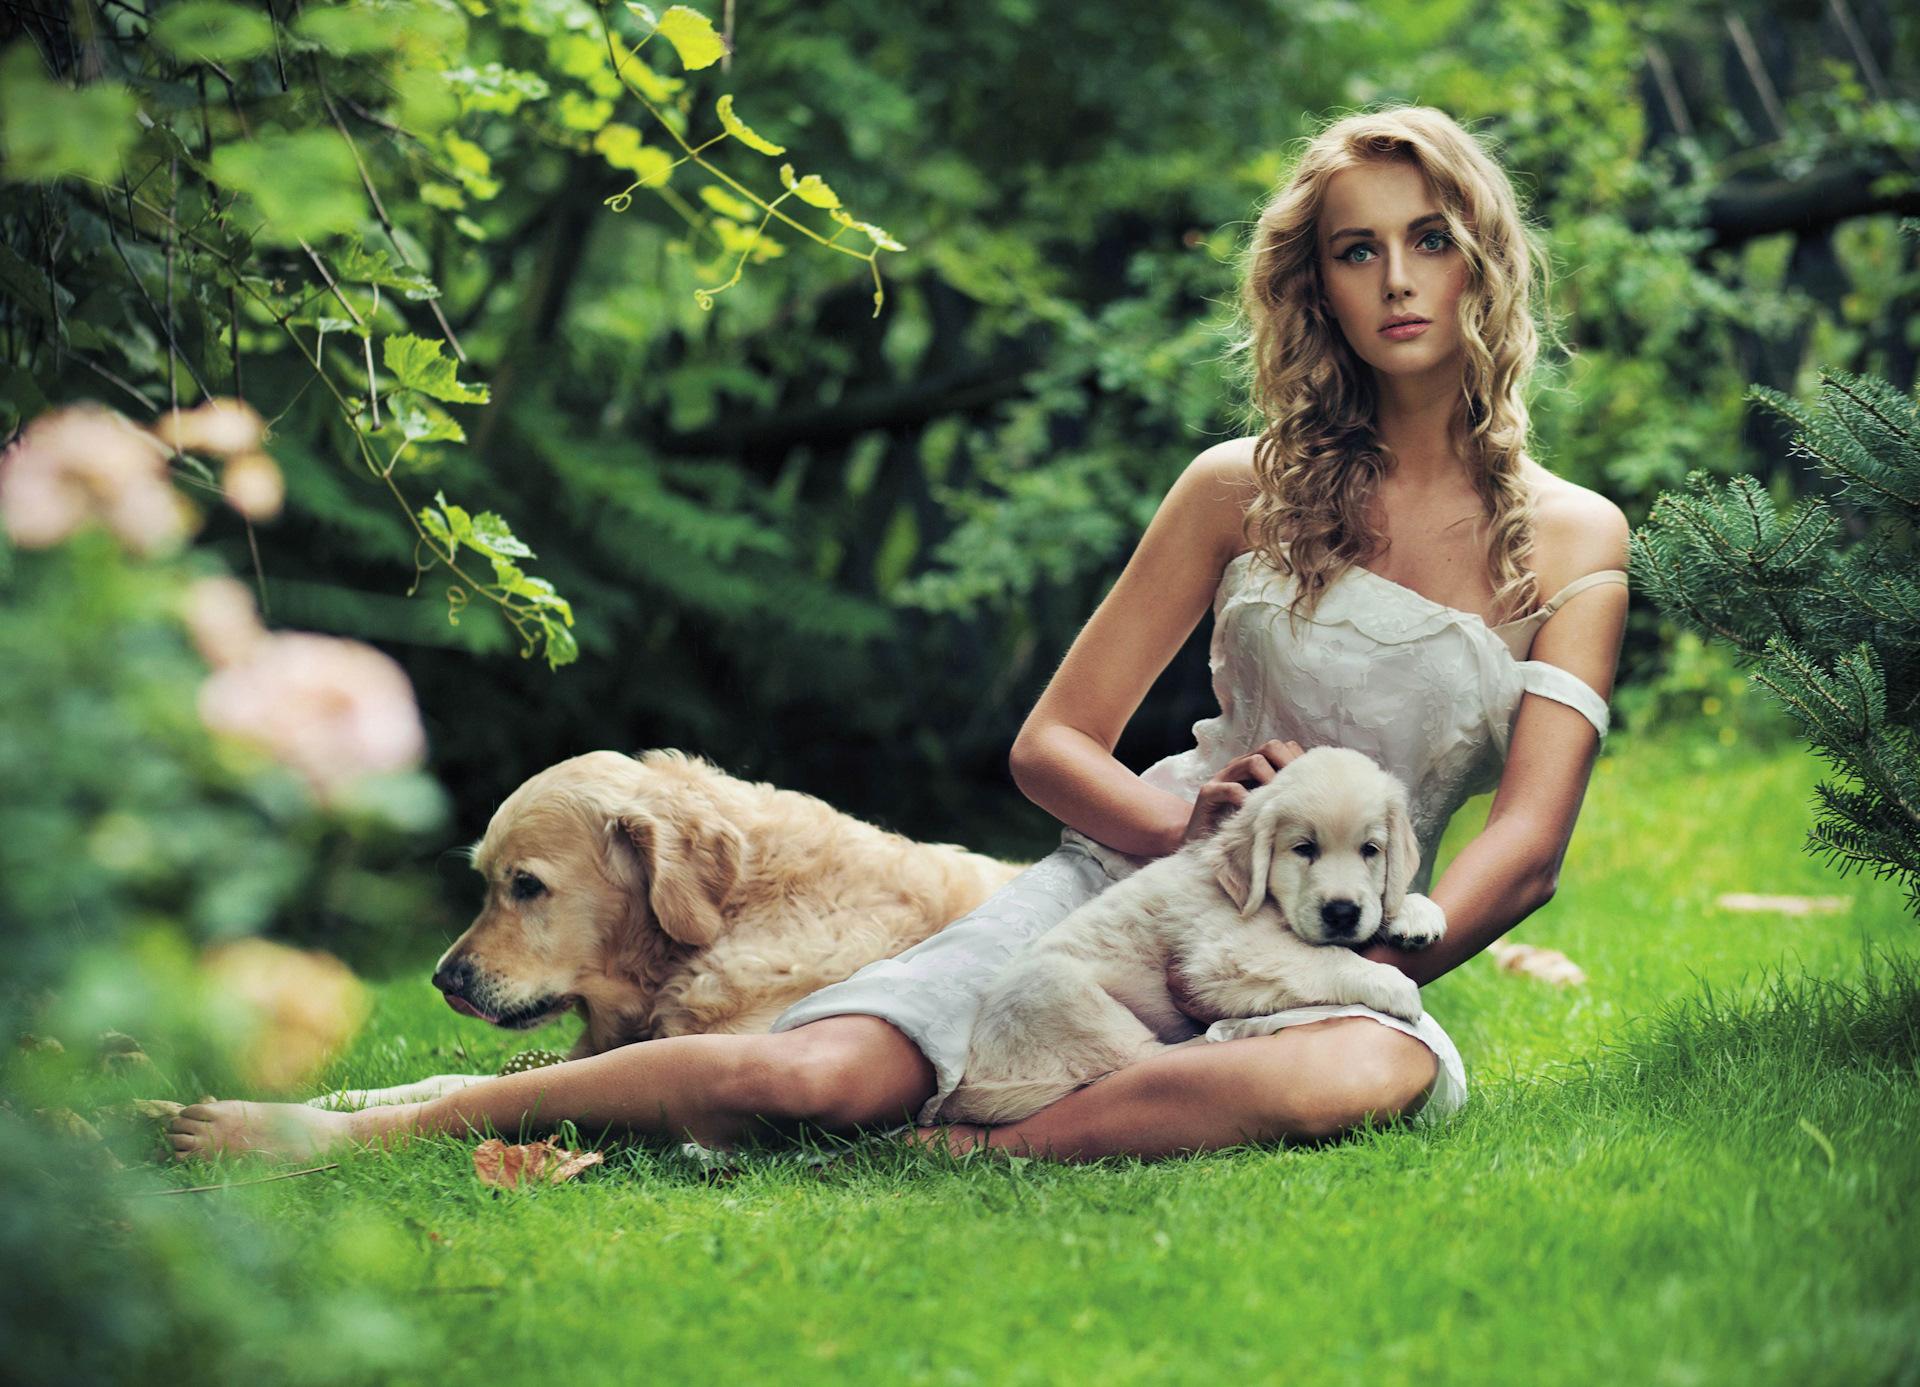 Надписями вопросами, прикольные картинки женщина с собакой